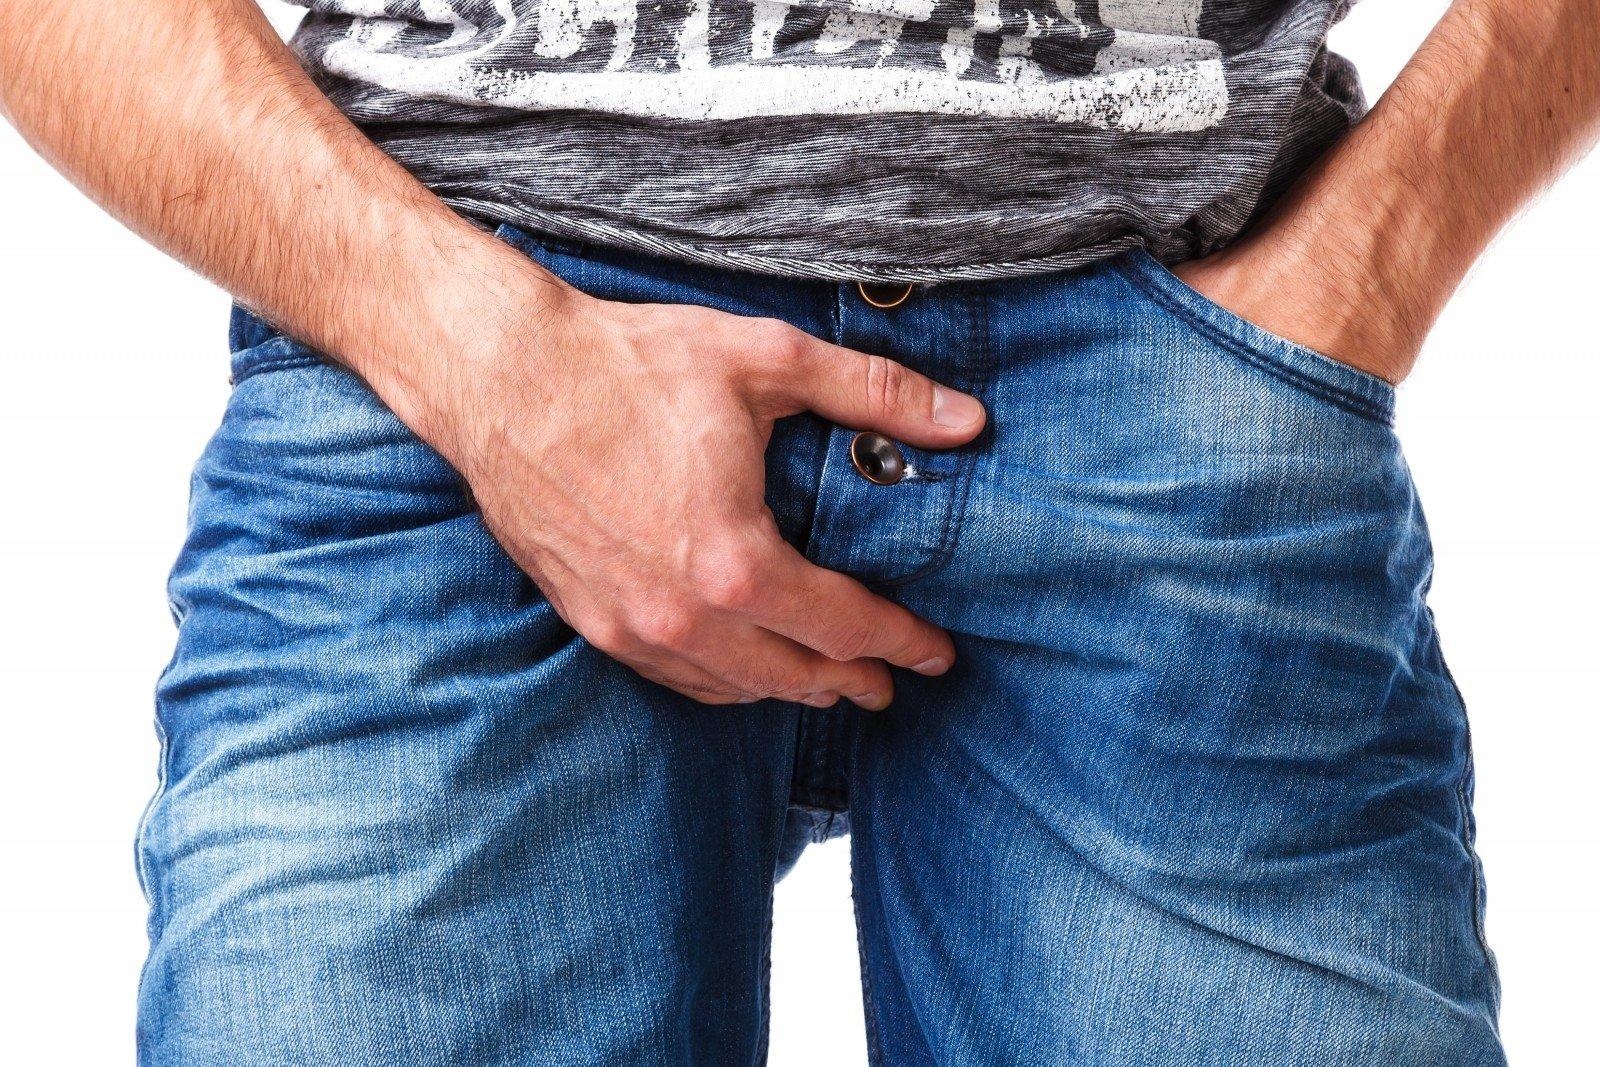 kokia yra priežastis jei nėra erekcijos kaip padidinti savo varpos pratimus